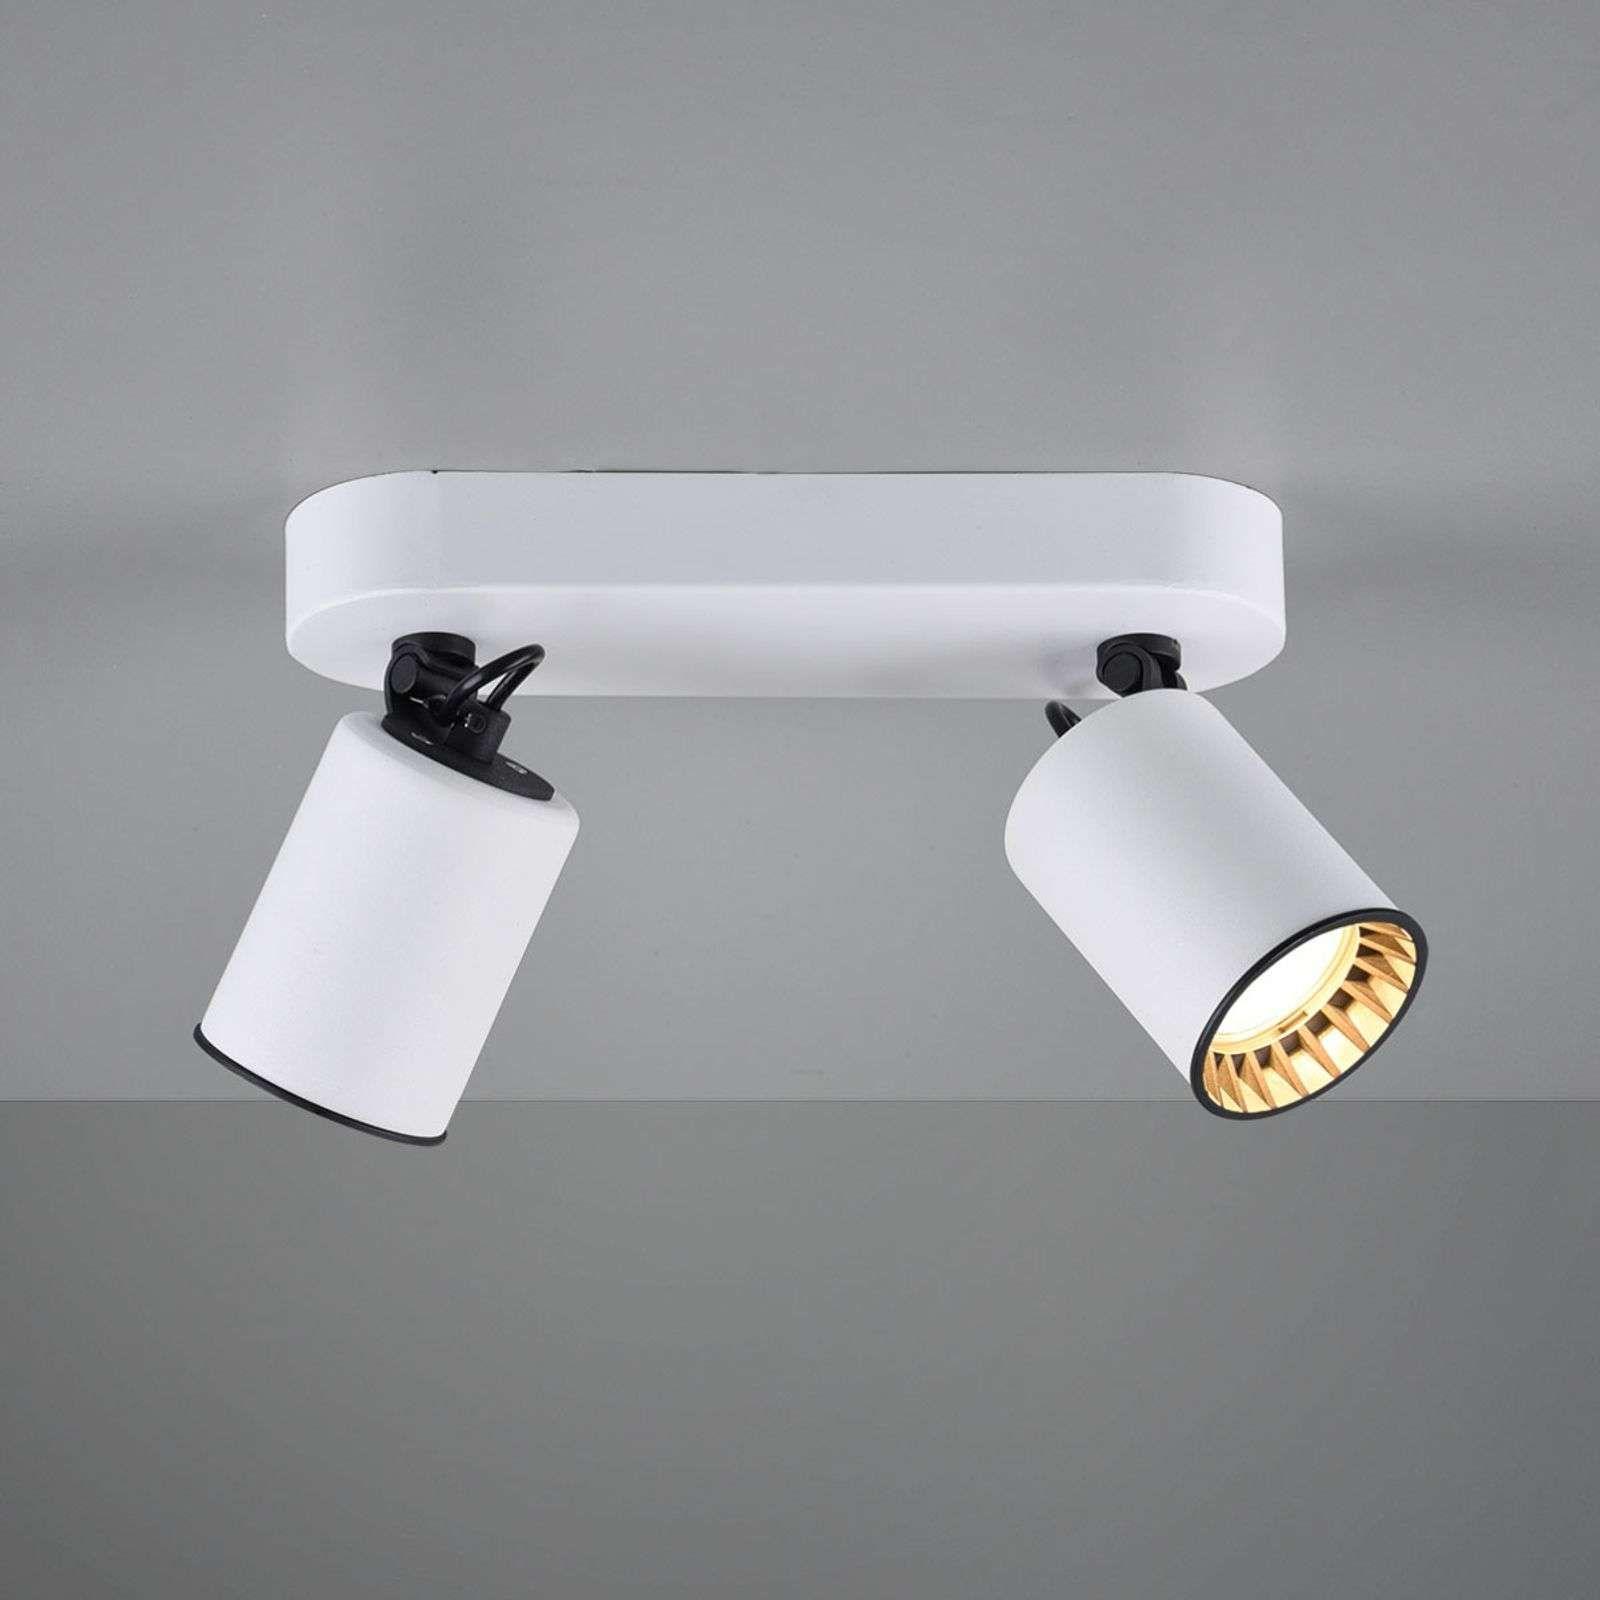 Spot Pour Plafond Pago A 2 Lampes Blanc De Trio Lighting En 2020 Spot Plafond Lamp Plafond